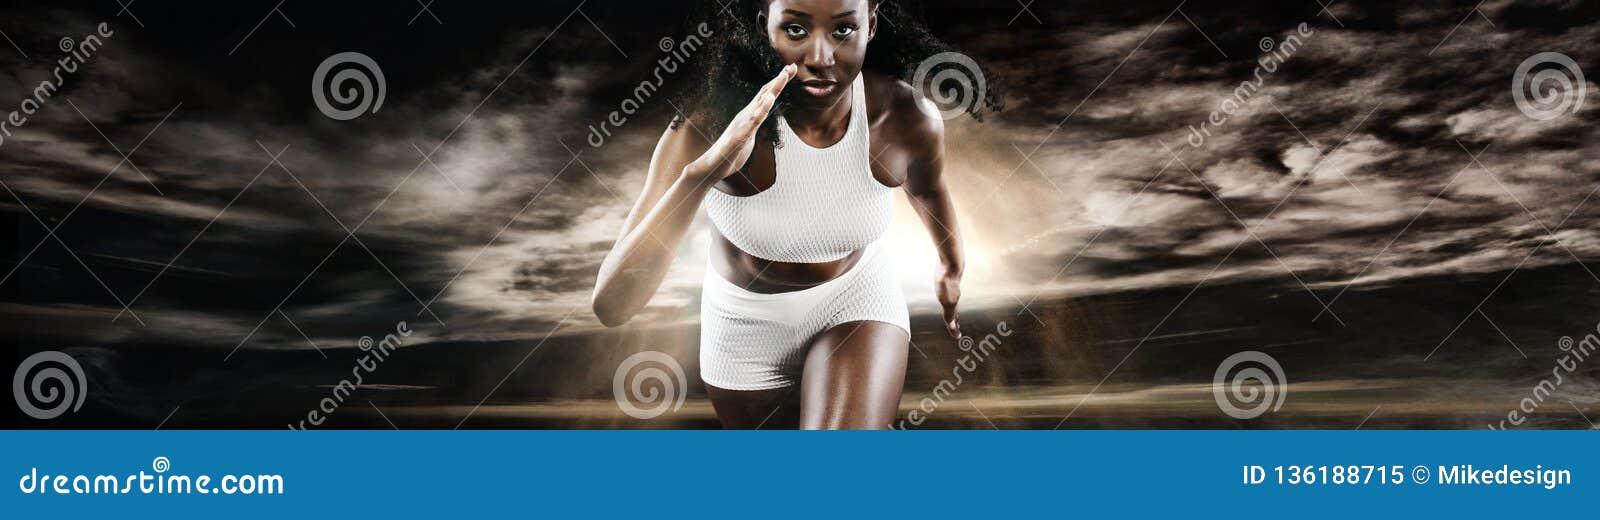 Velocista atlético forte da mulher, correndo no fundo escuro que veste no sportswear Motivação da aptidão e do esporte corredor